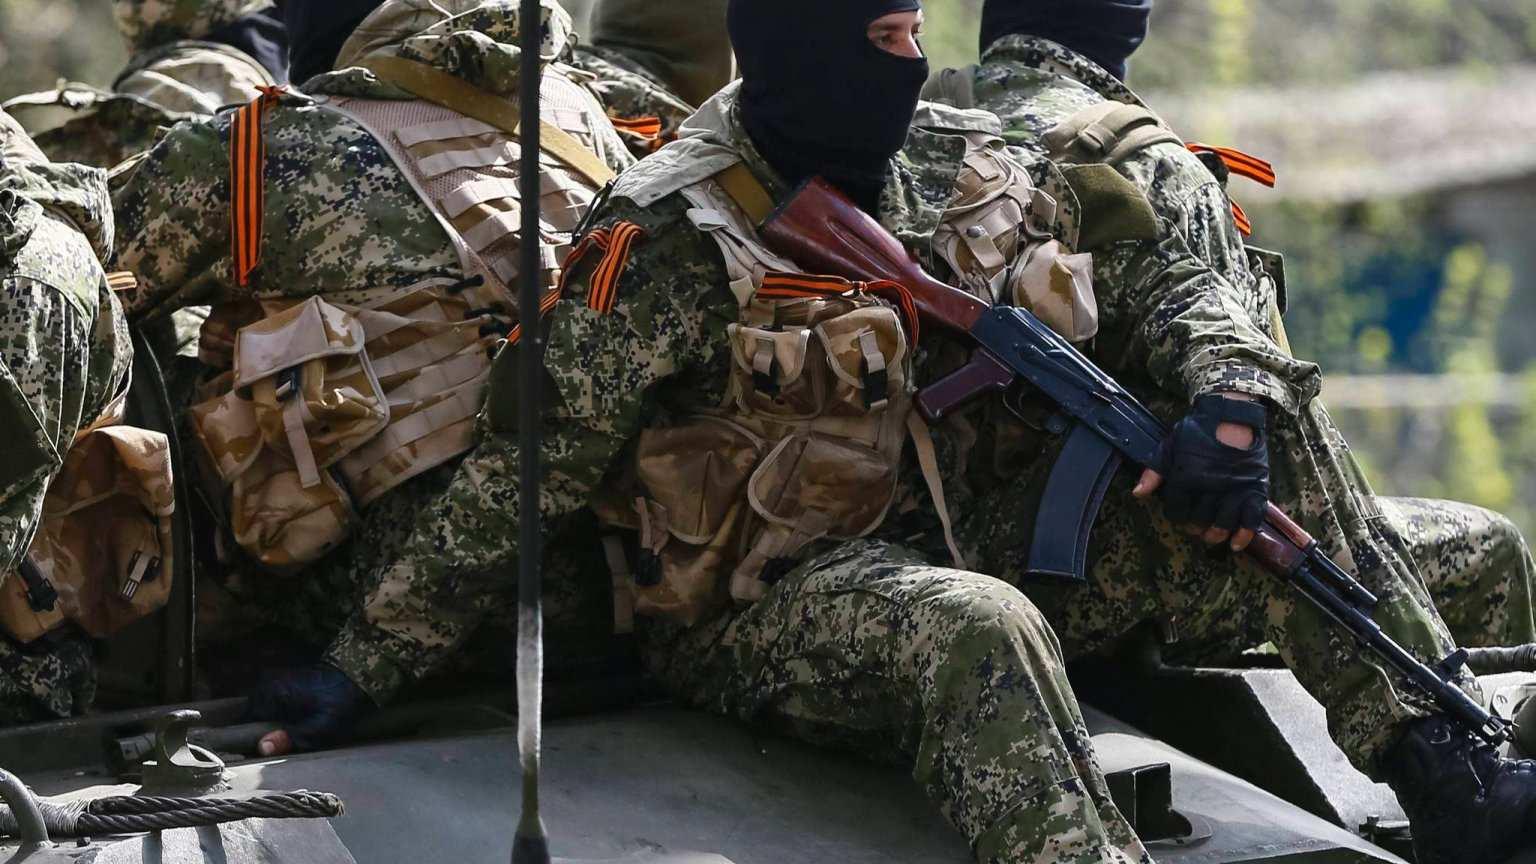 Рада будет пытаться продать Западу пустышку: в ЛНР прокомментировали решение Украины | Русская весна